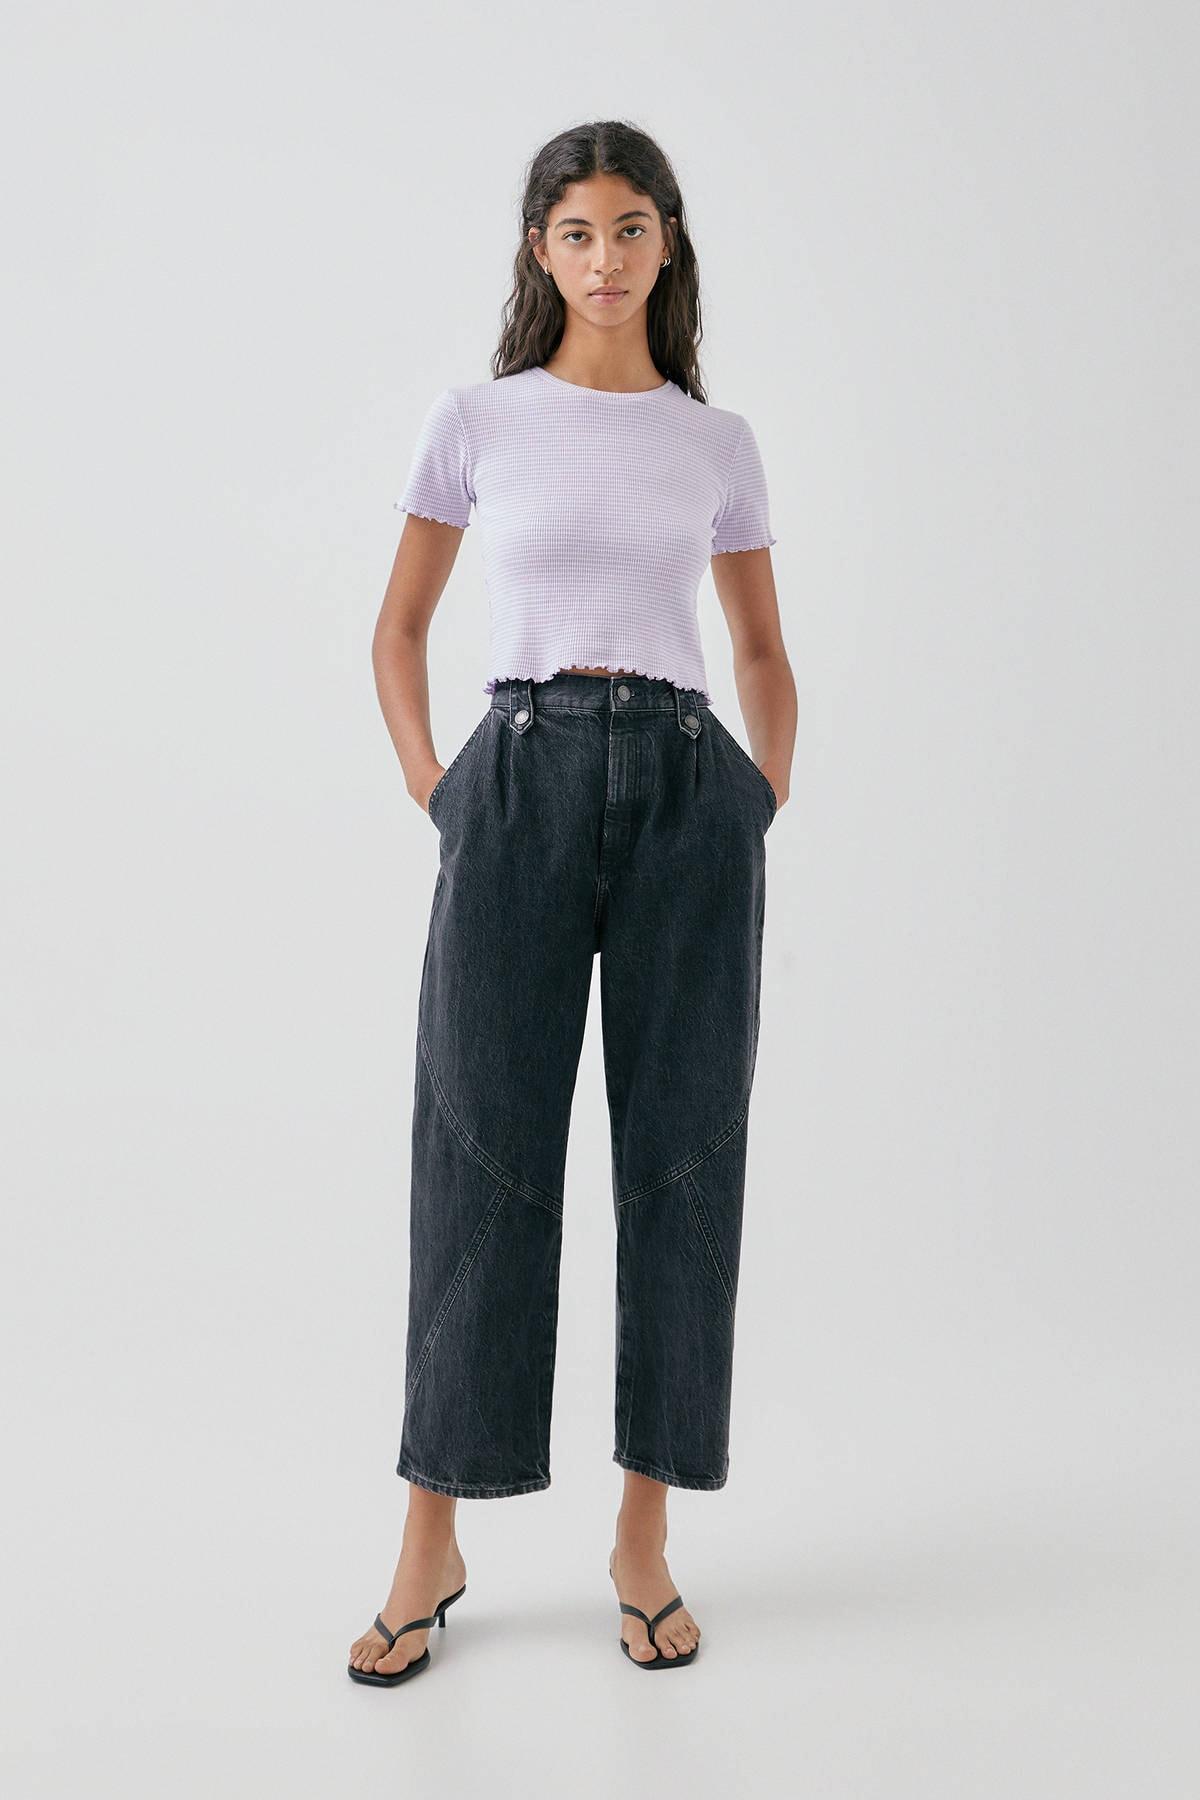 Pull & Bear Kadın Mor Kıvrımlı Kenarlı Basic T-Shirt 05234369 2